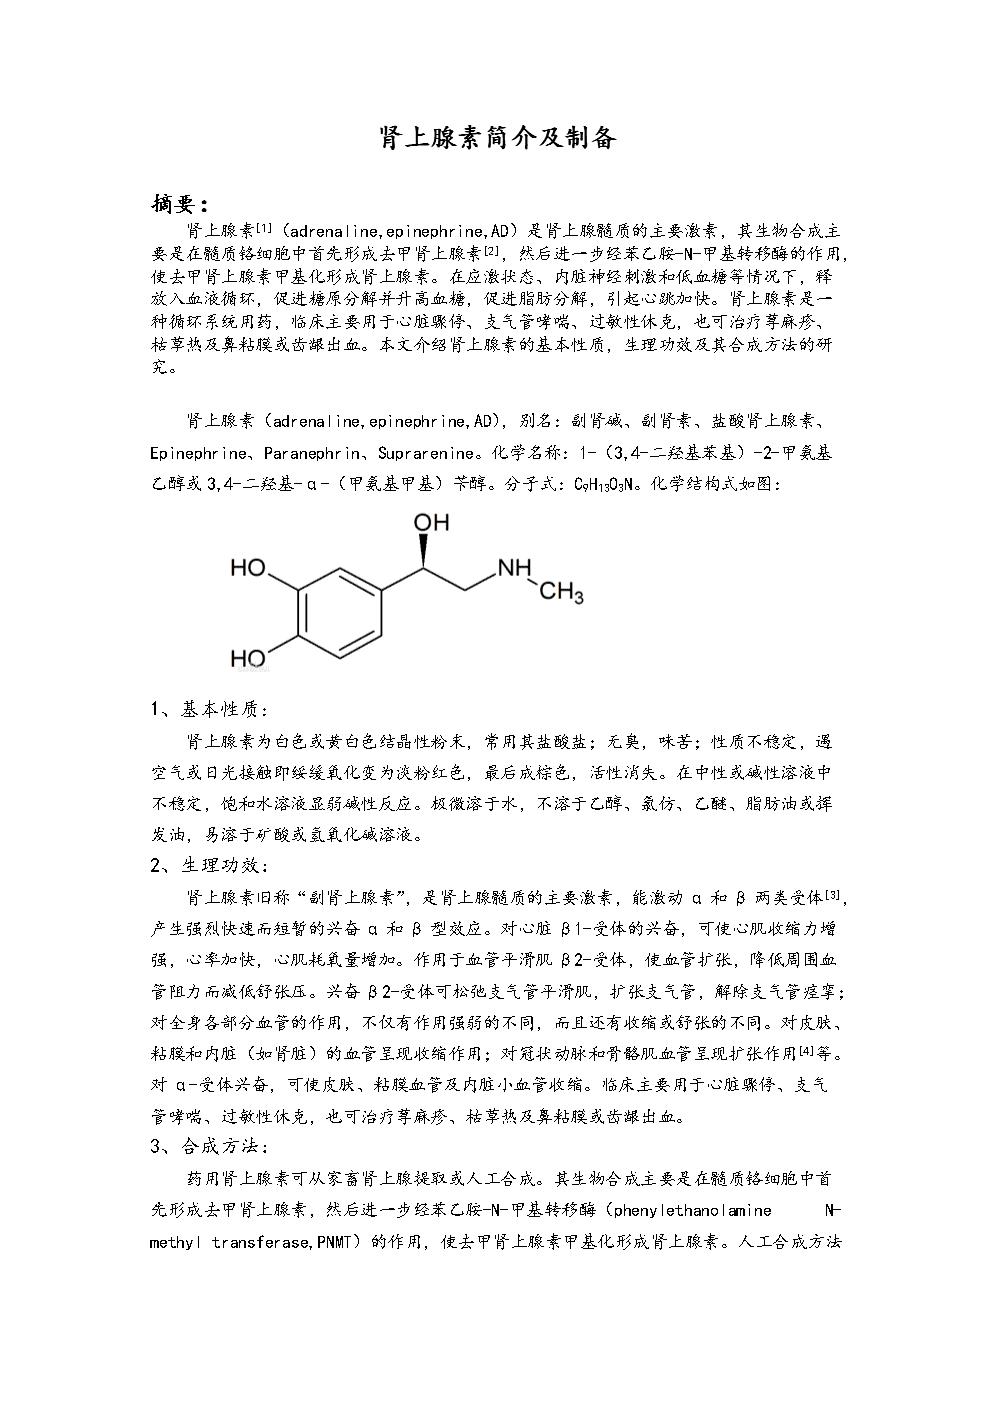 肾上腺素简介及制备.doc